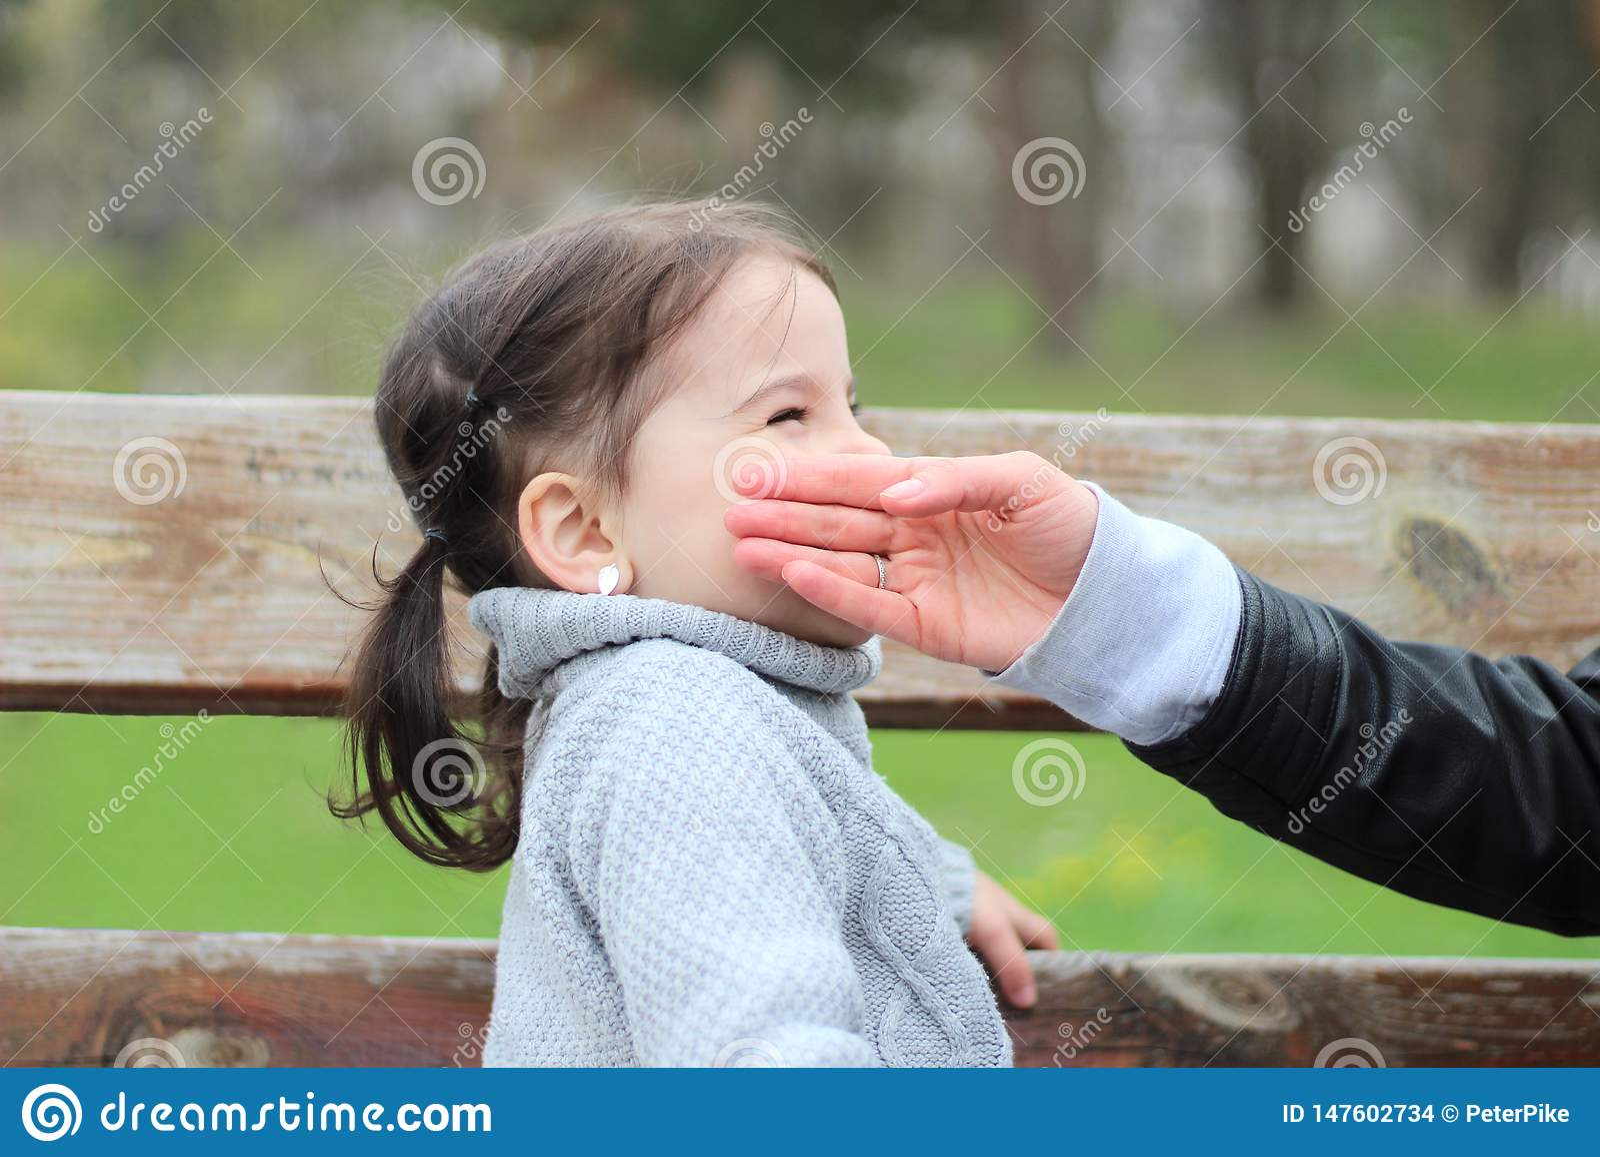 A mãe guarda sua mão no mordente de sua filha ao sentar-se em um banco no parque